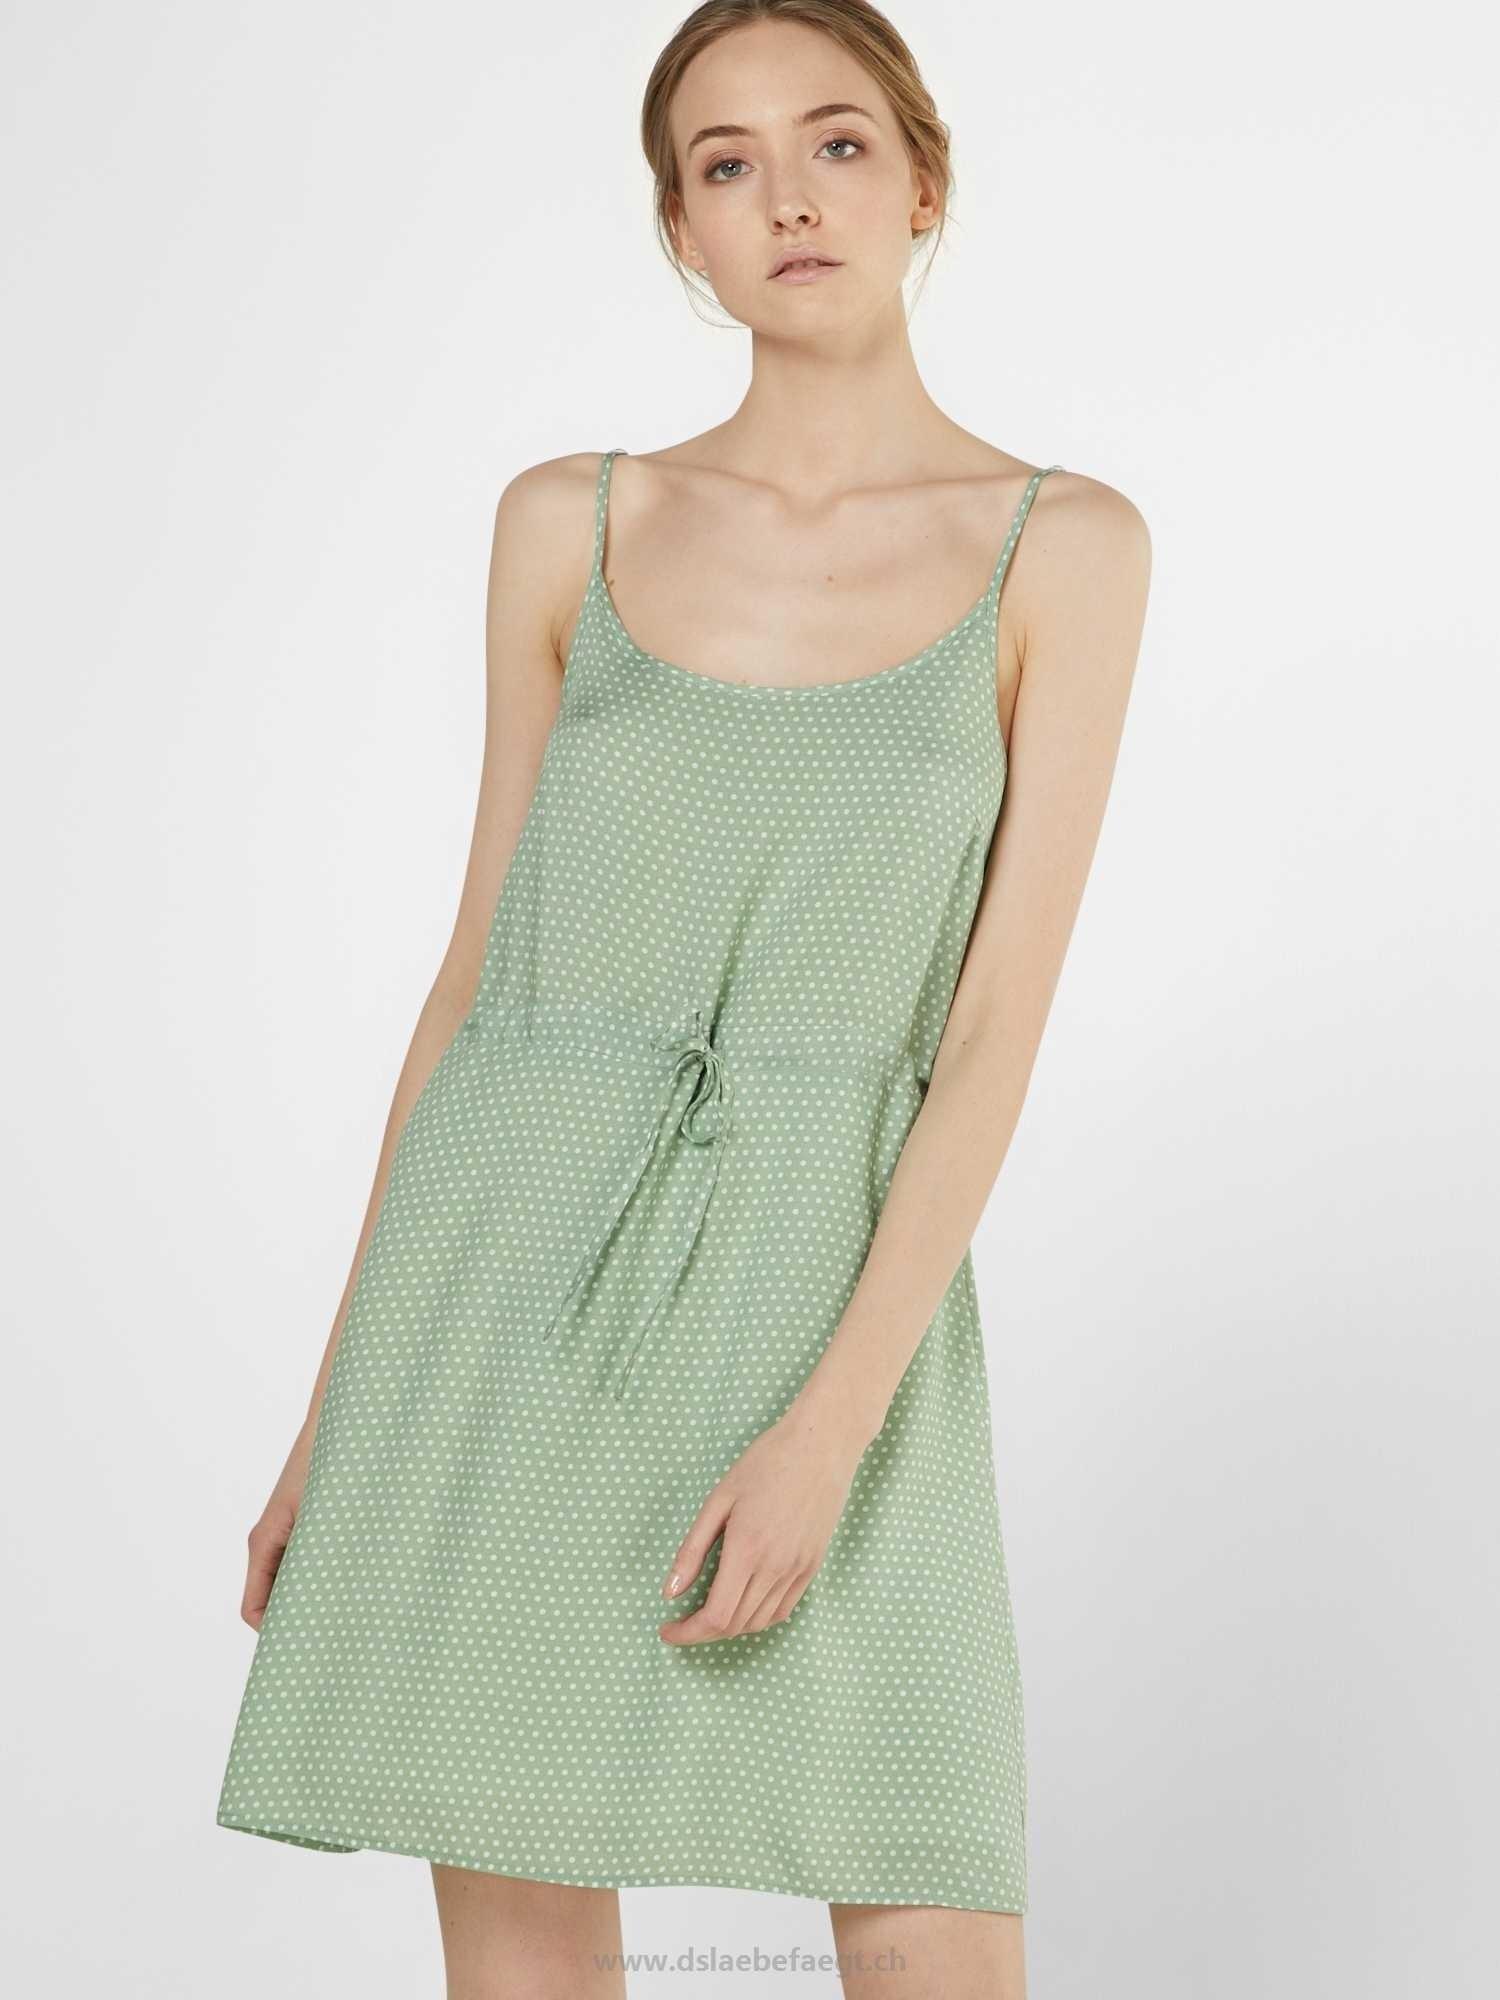 10 Großartig Größe Kleider Design Genial Größe Kleider Spezialgebiet